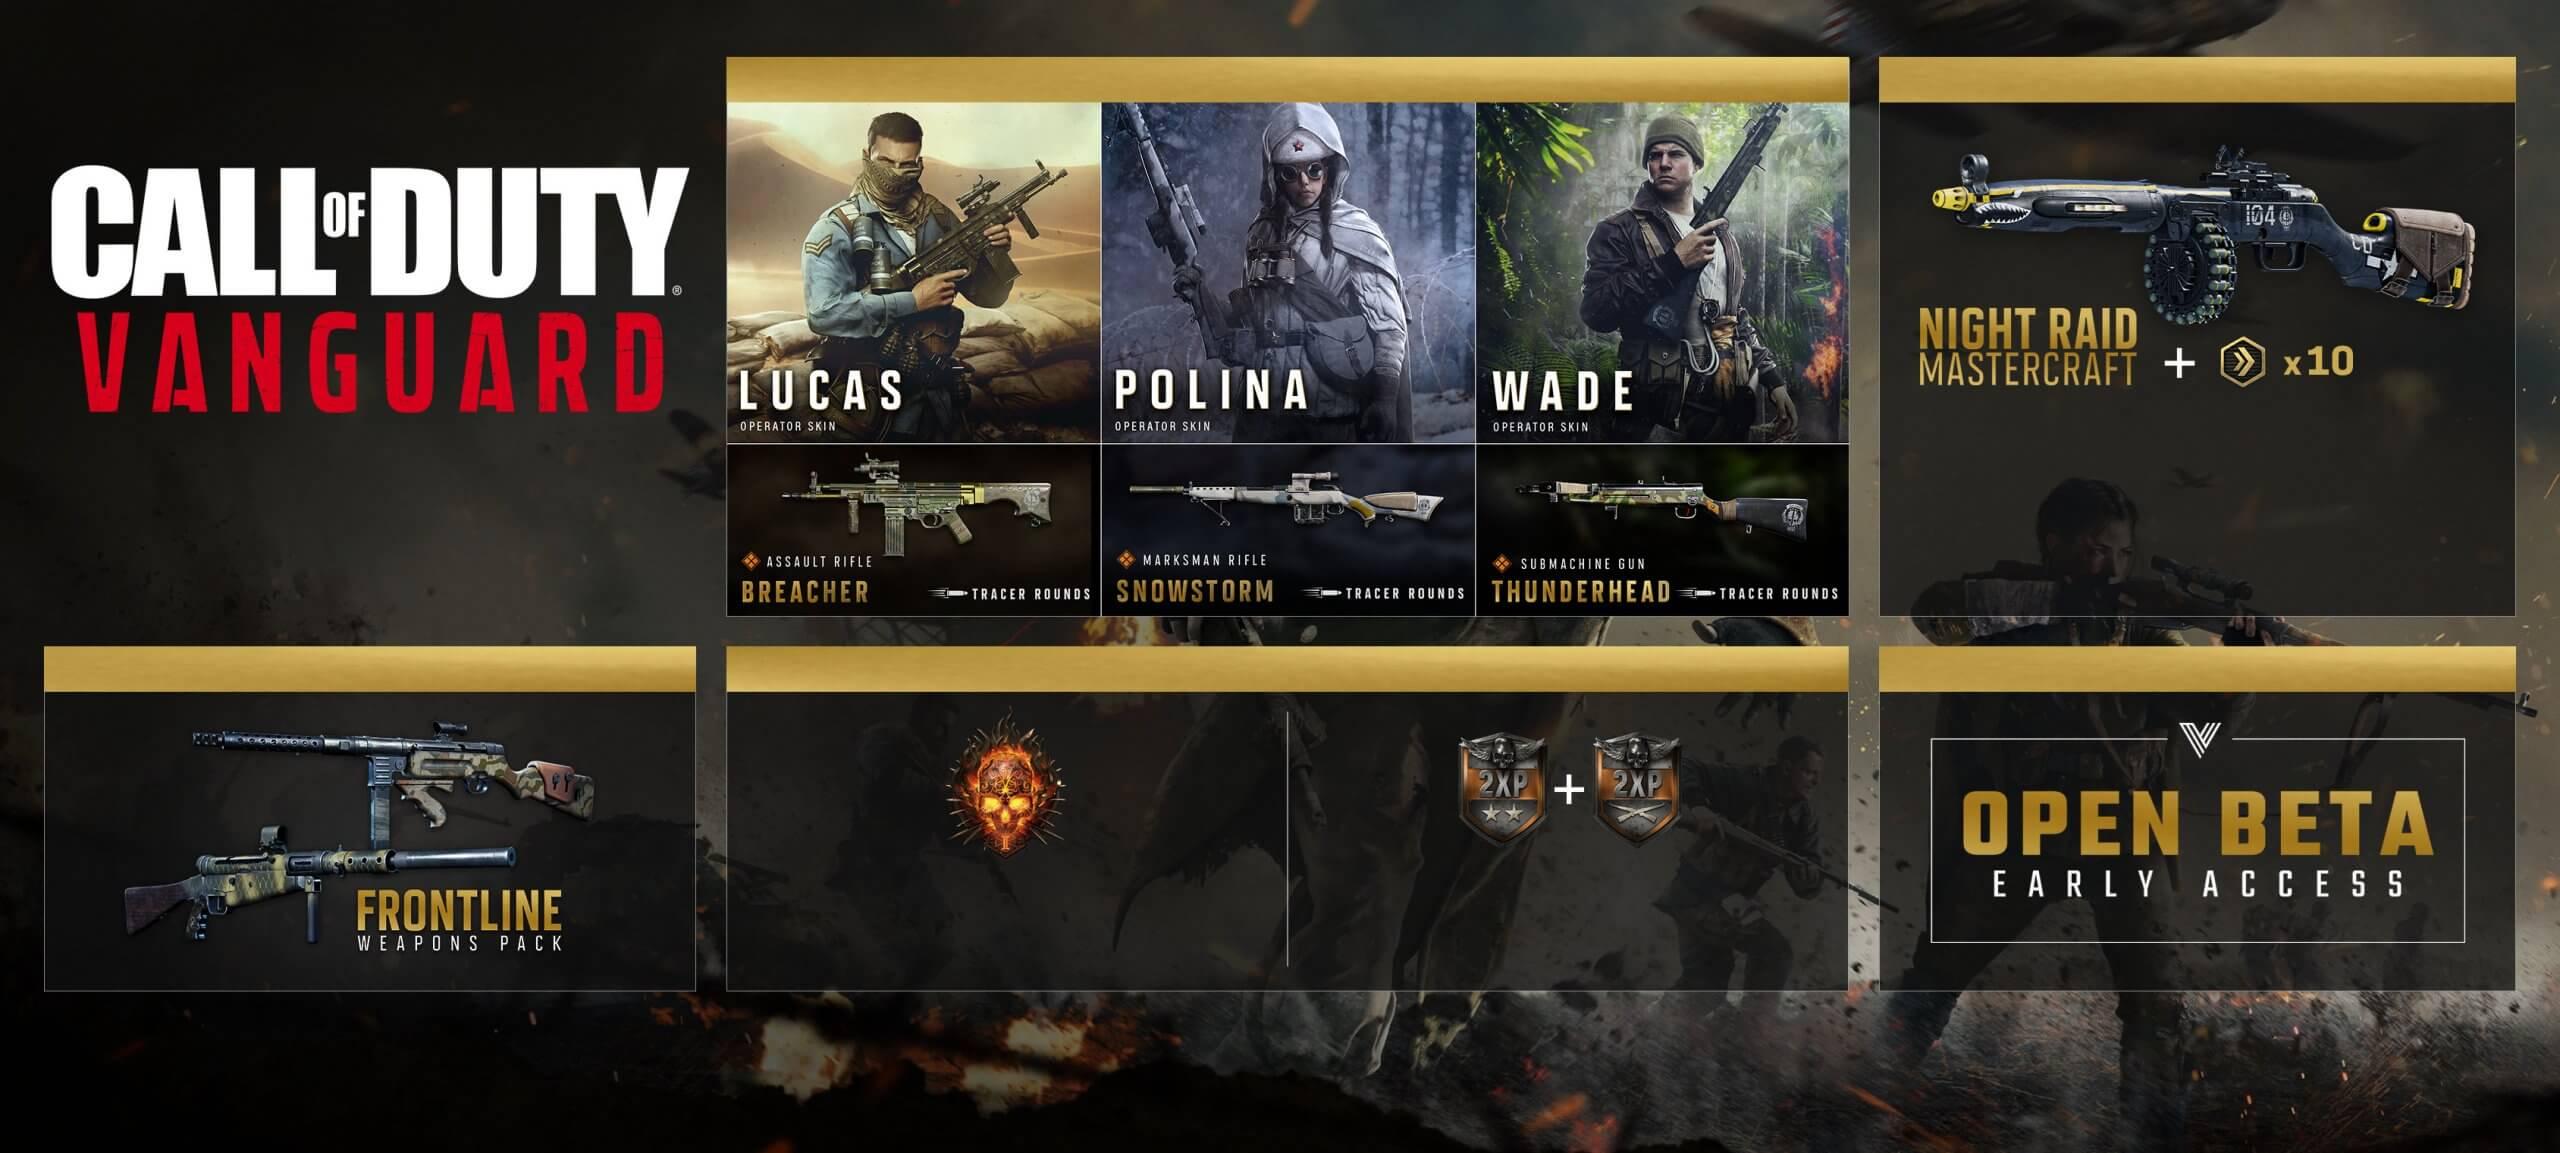 Call-of-Duty-Vanguard-leak-scaled.jpg